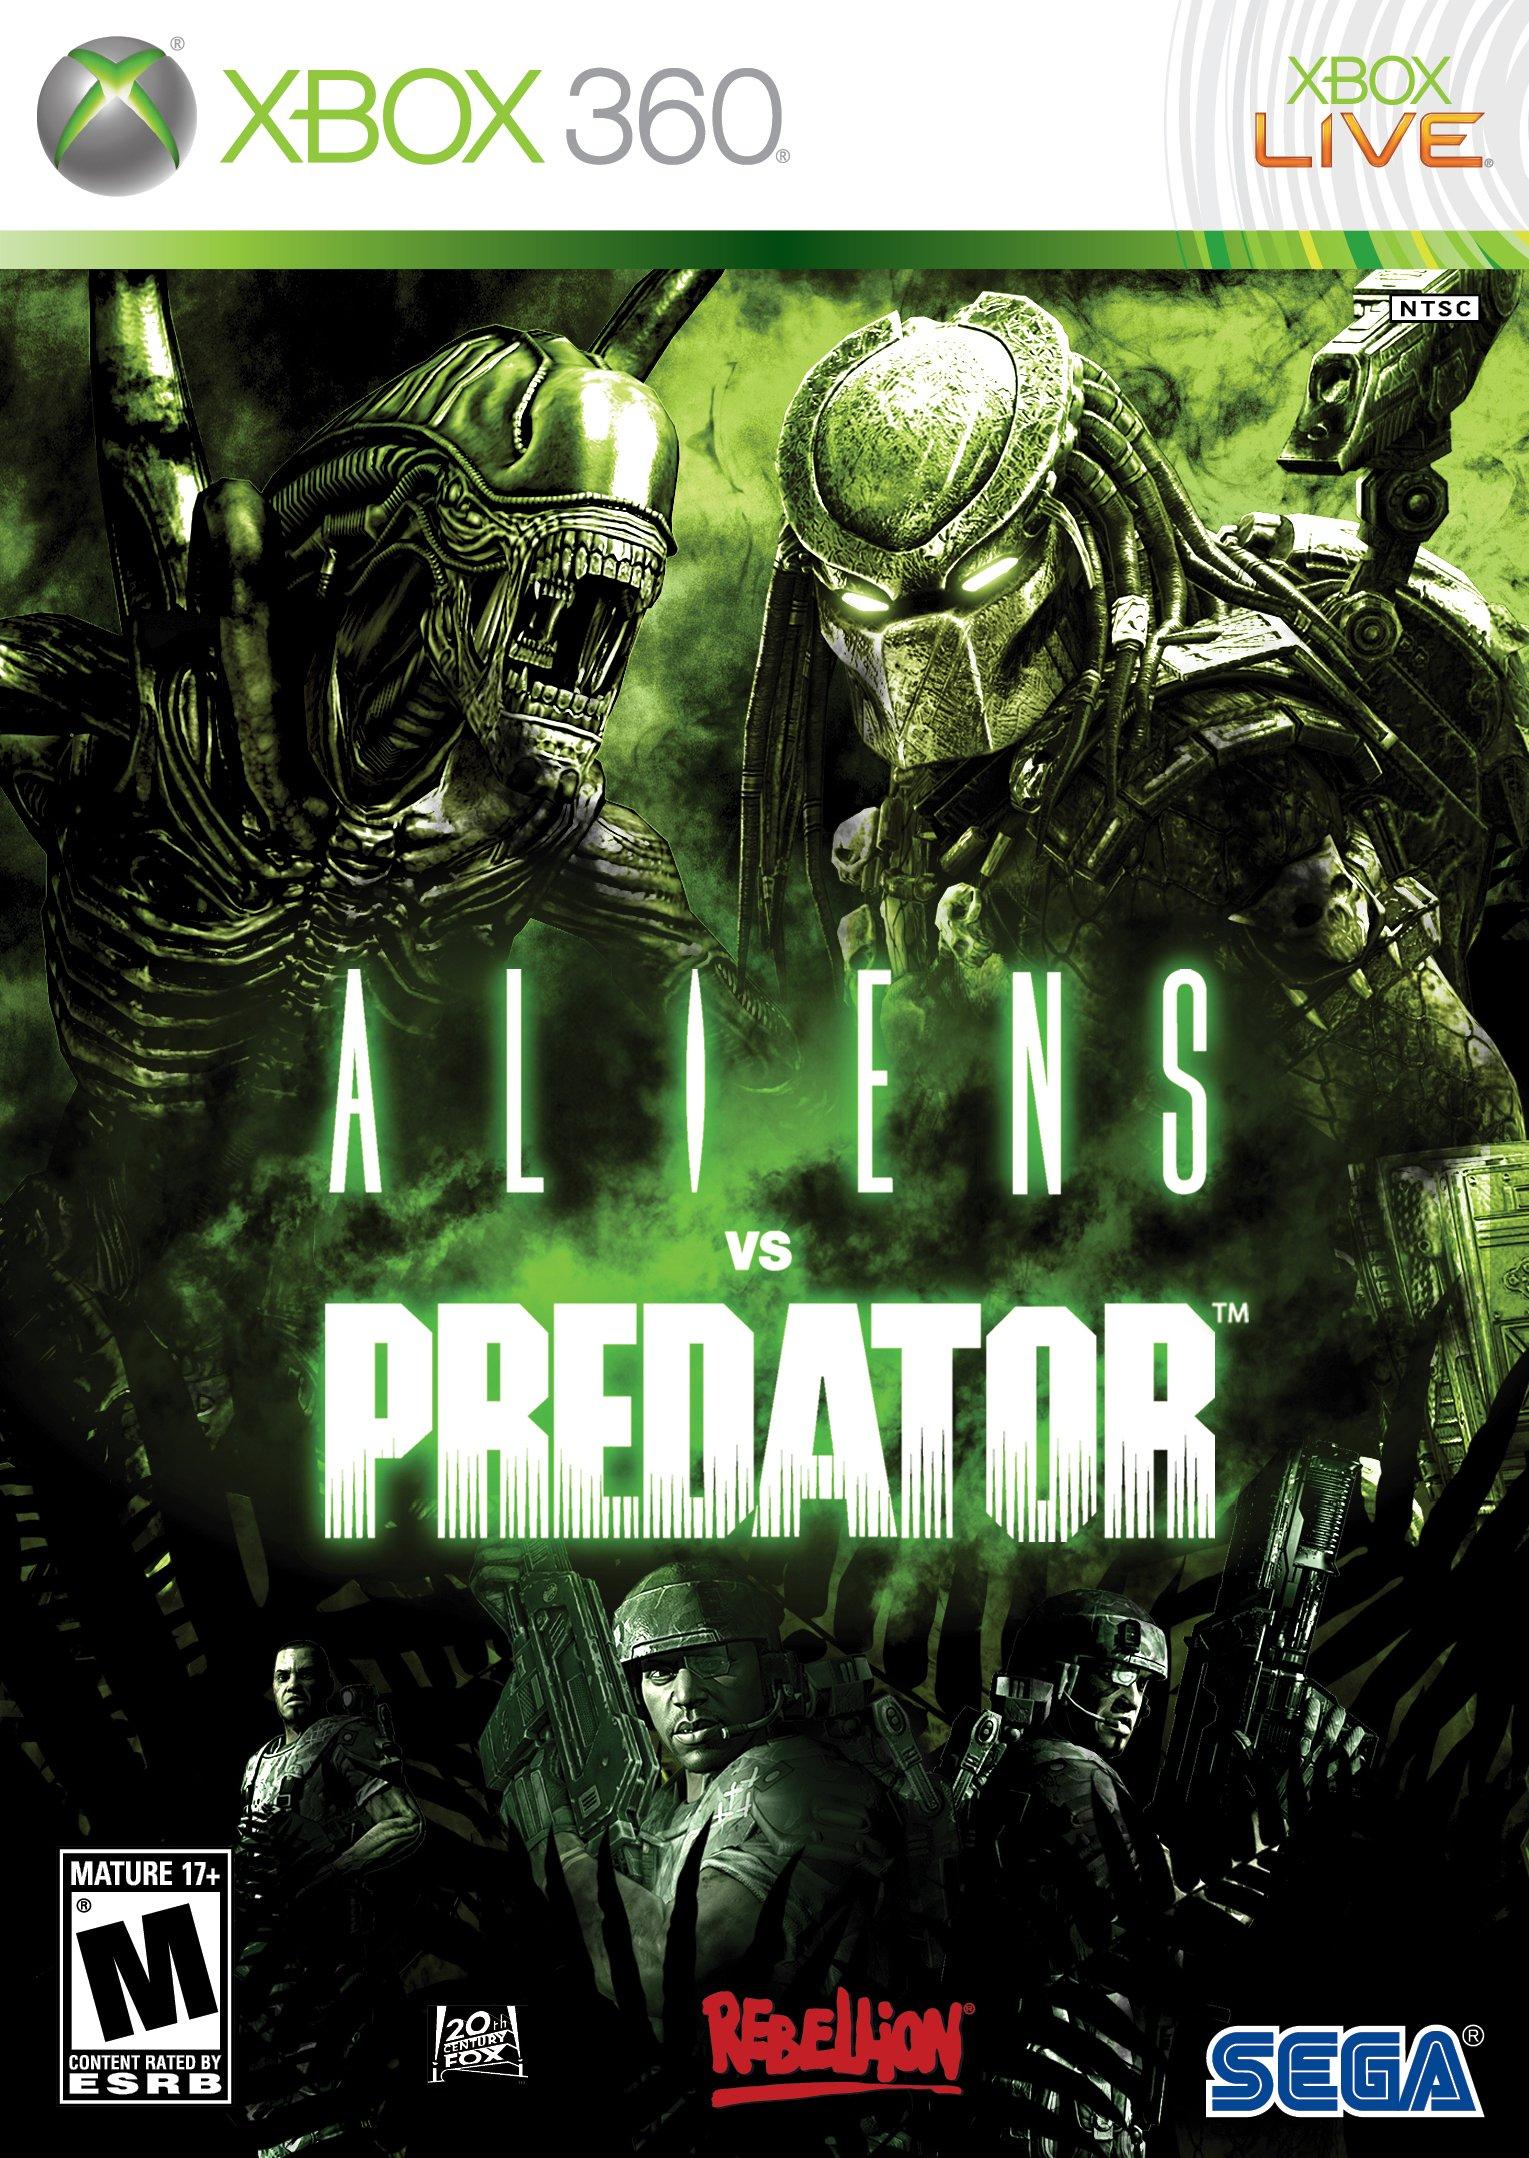 Aliens vs Predator - Xbox 360 by SEGA (Image #1)